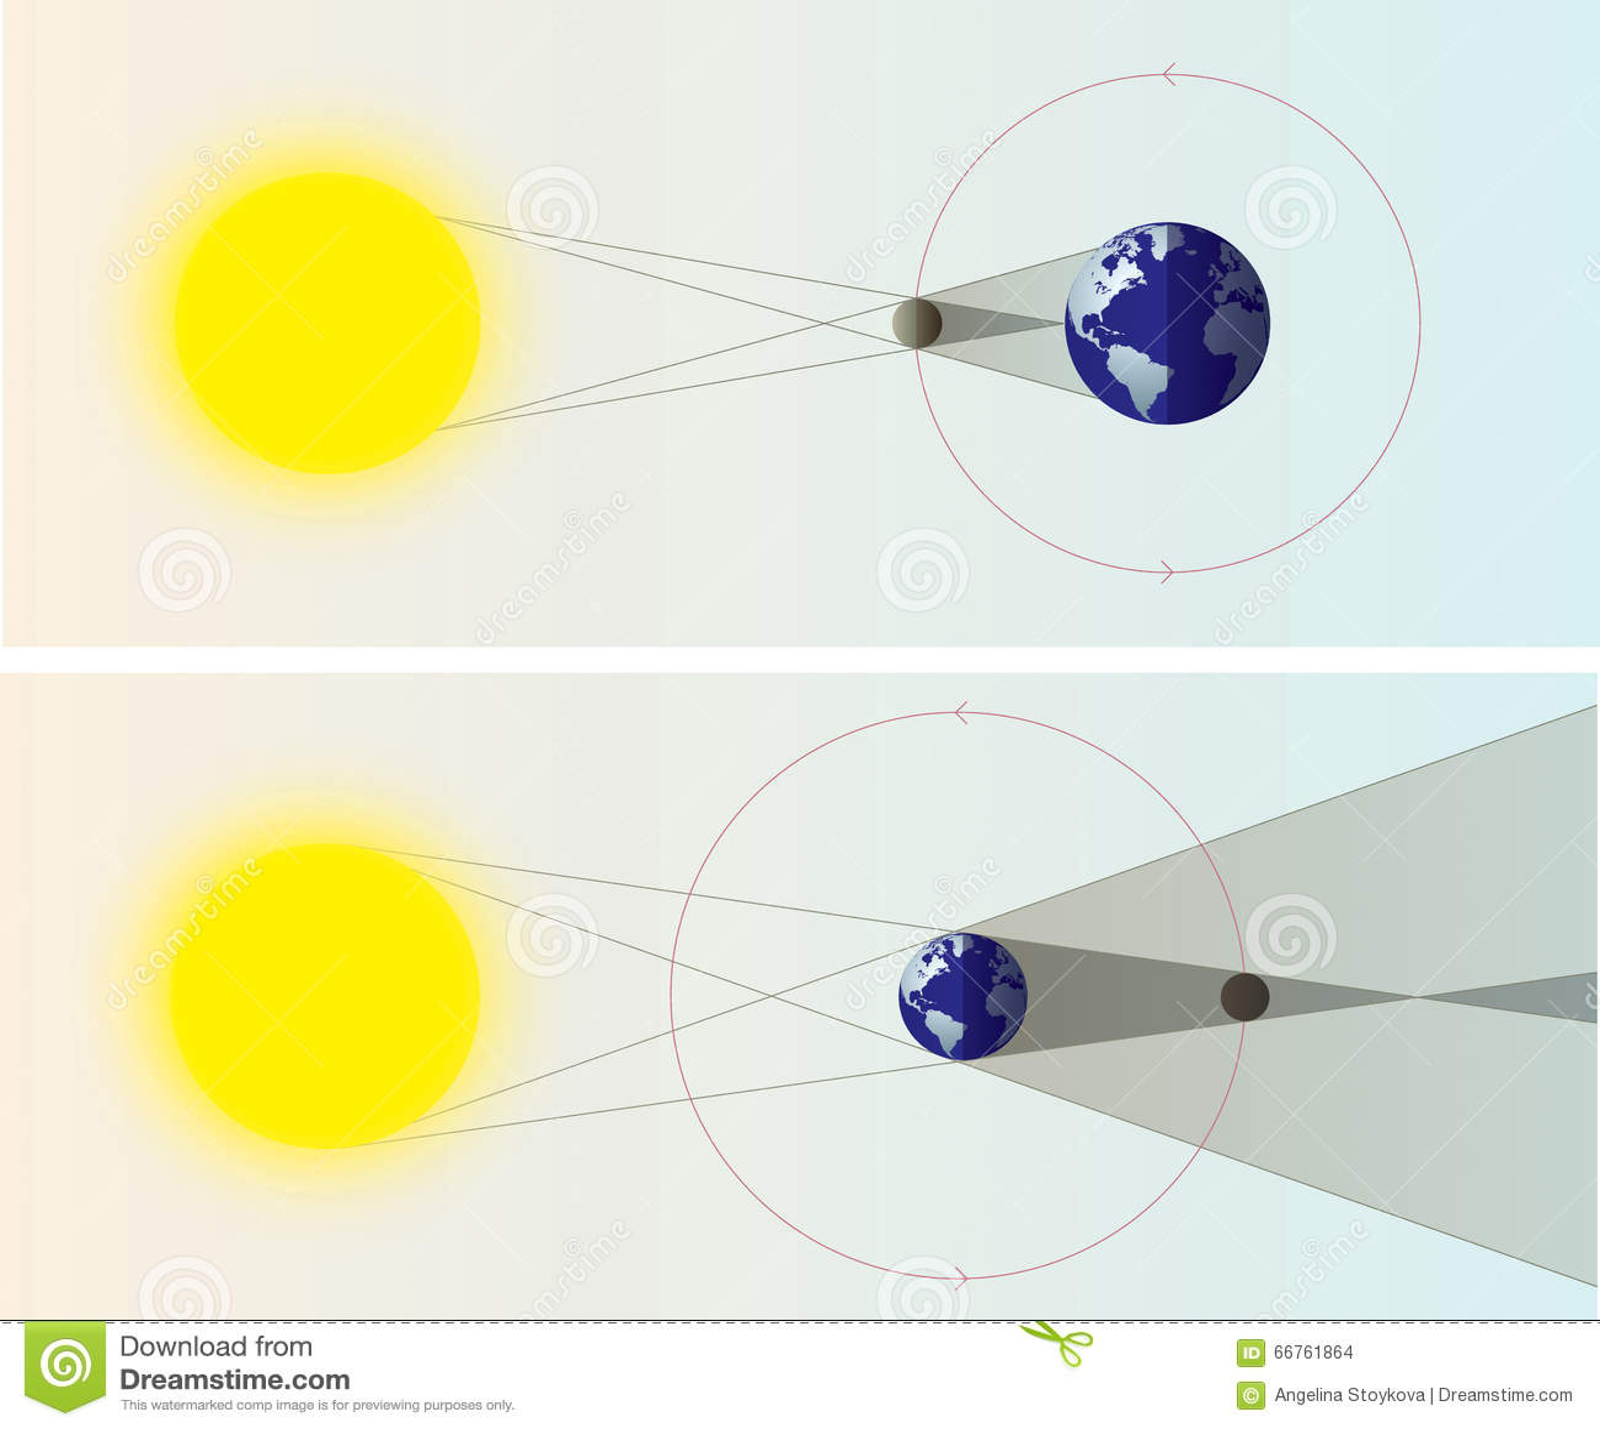 Słonecznych & Księżycowych zaćmień diagramy